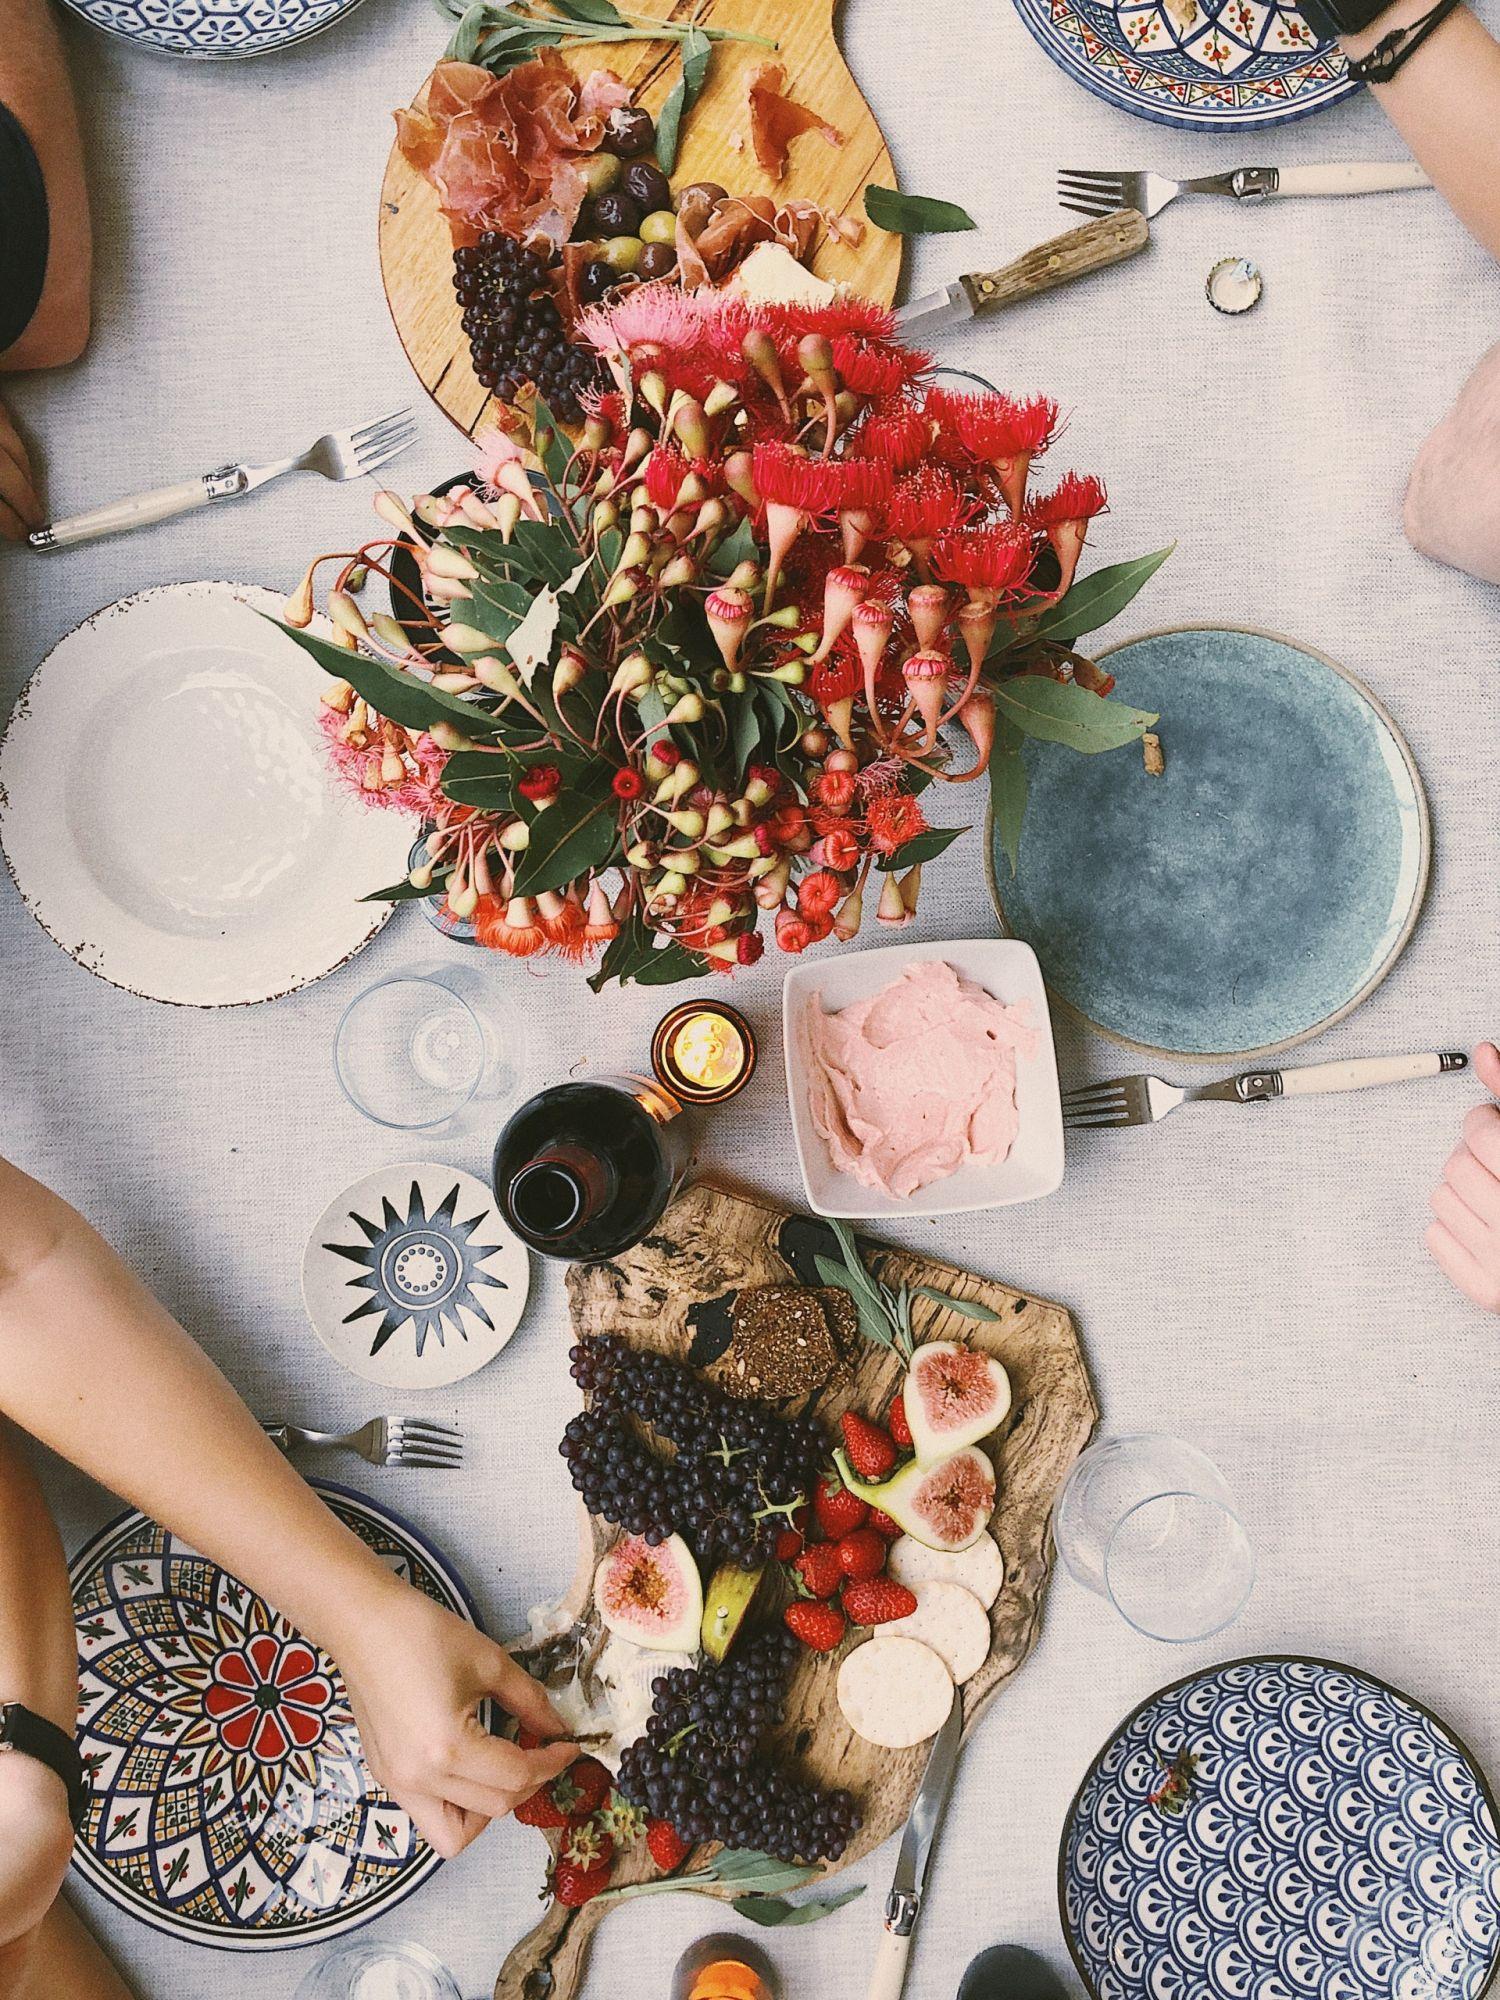 Cheryl Tiu, Nicole Ortega & Friends Share Family Recipes